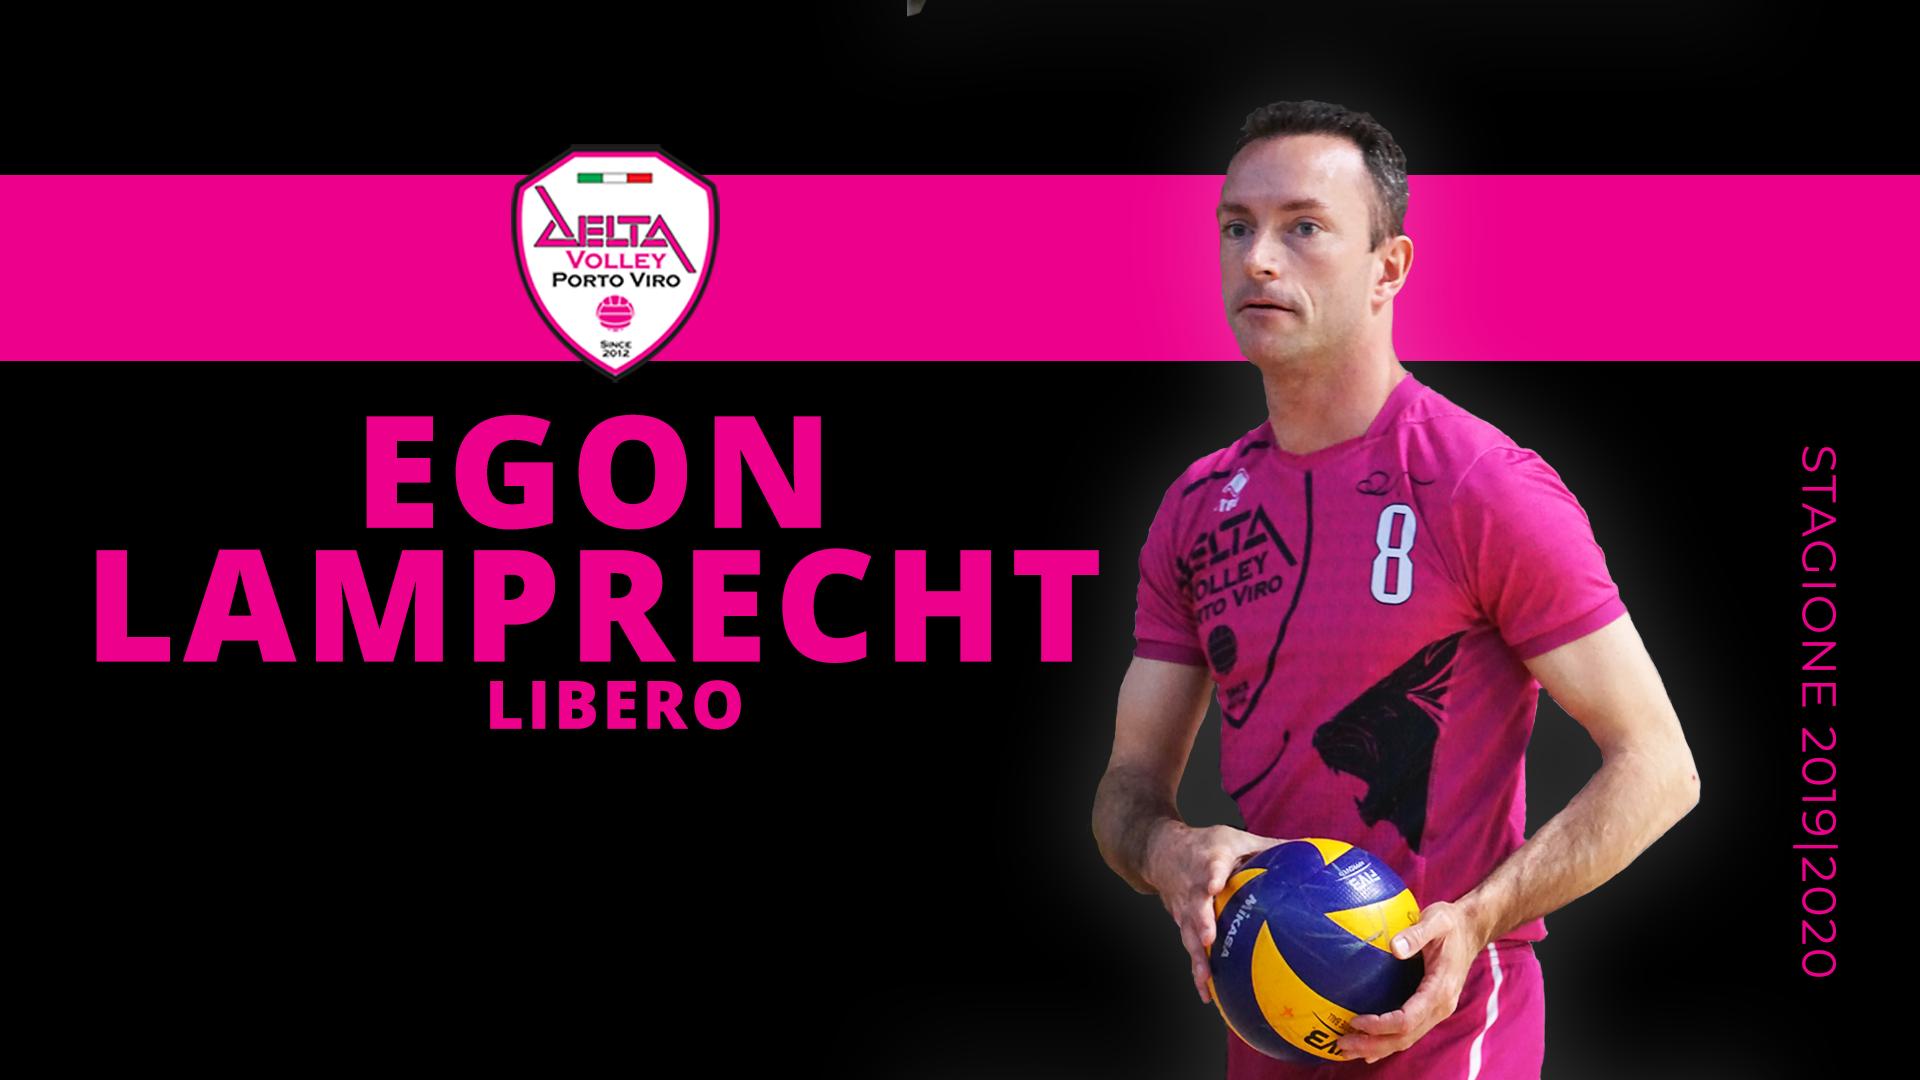 Egon Lamprecht